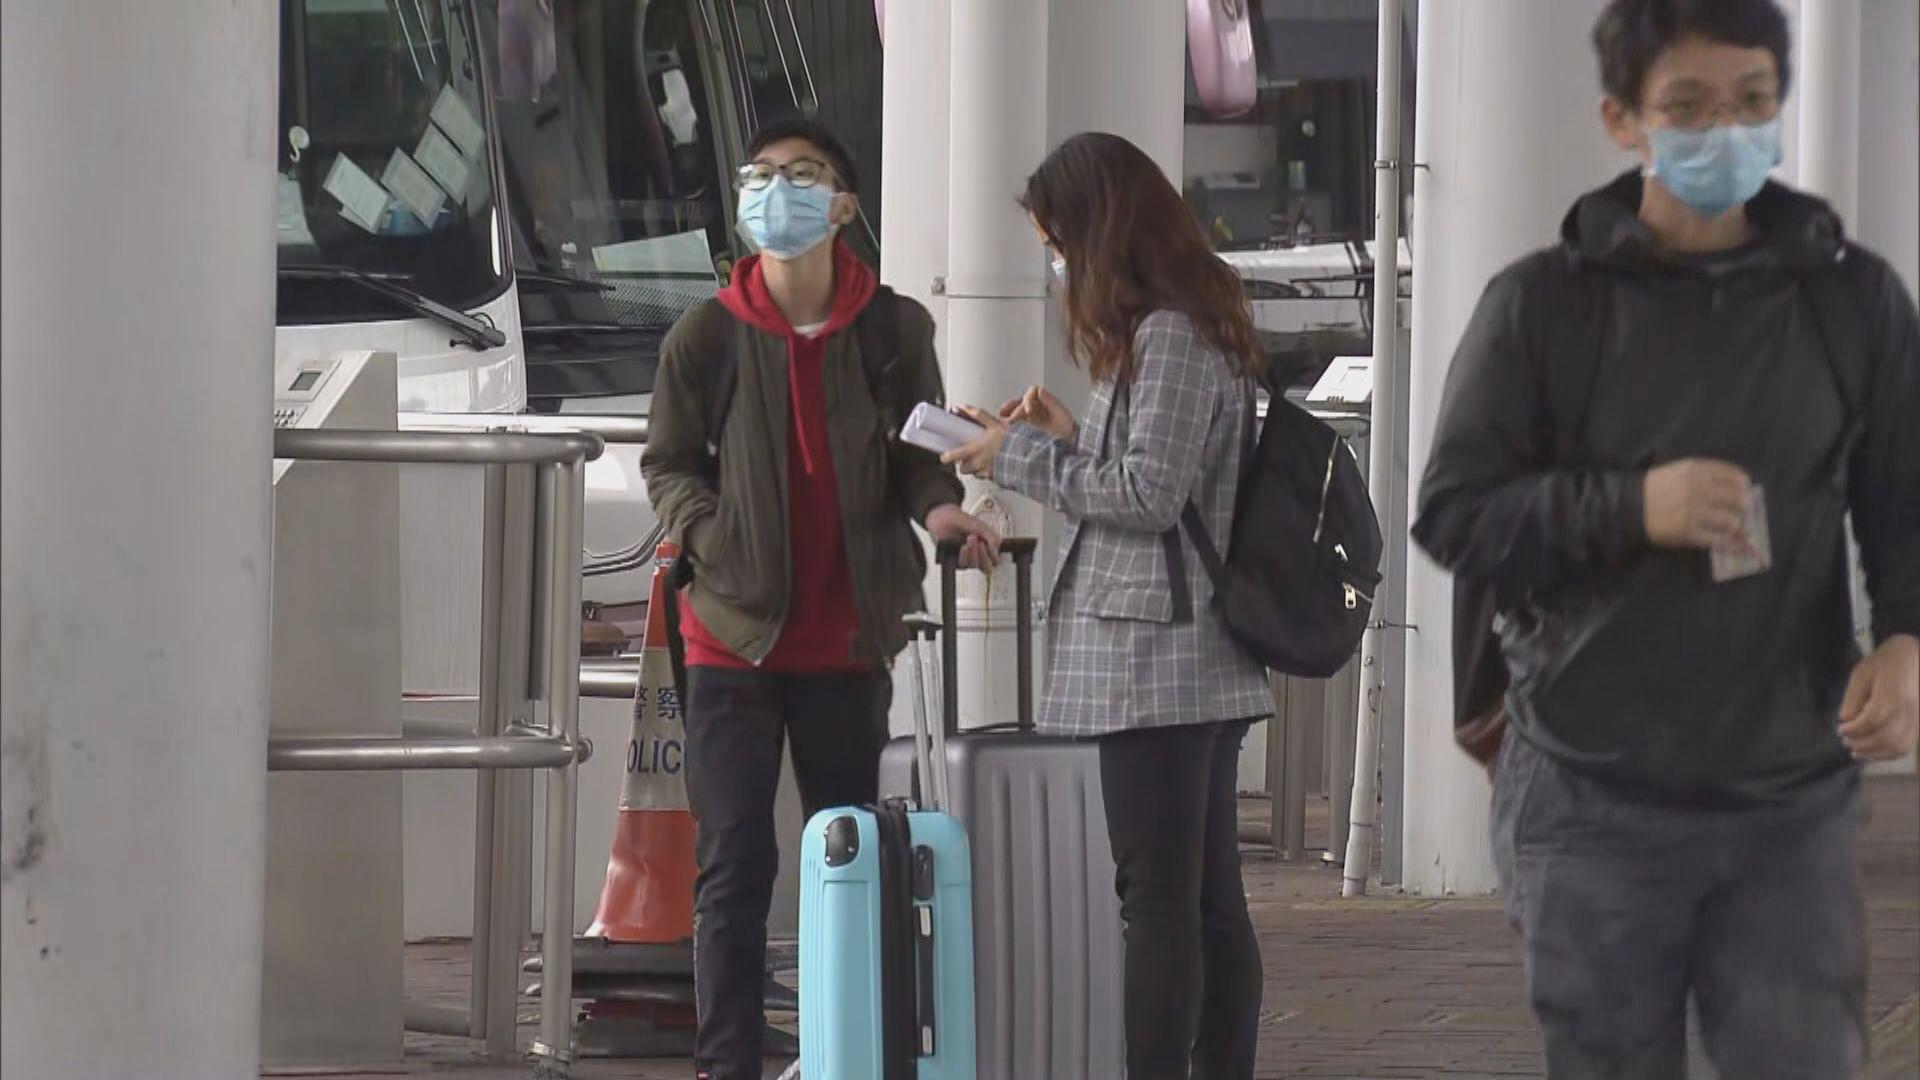 監察強制檢疫人士手機疑失竊 黃繼兒:已列為資料外洩